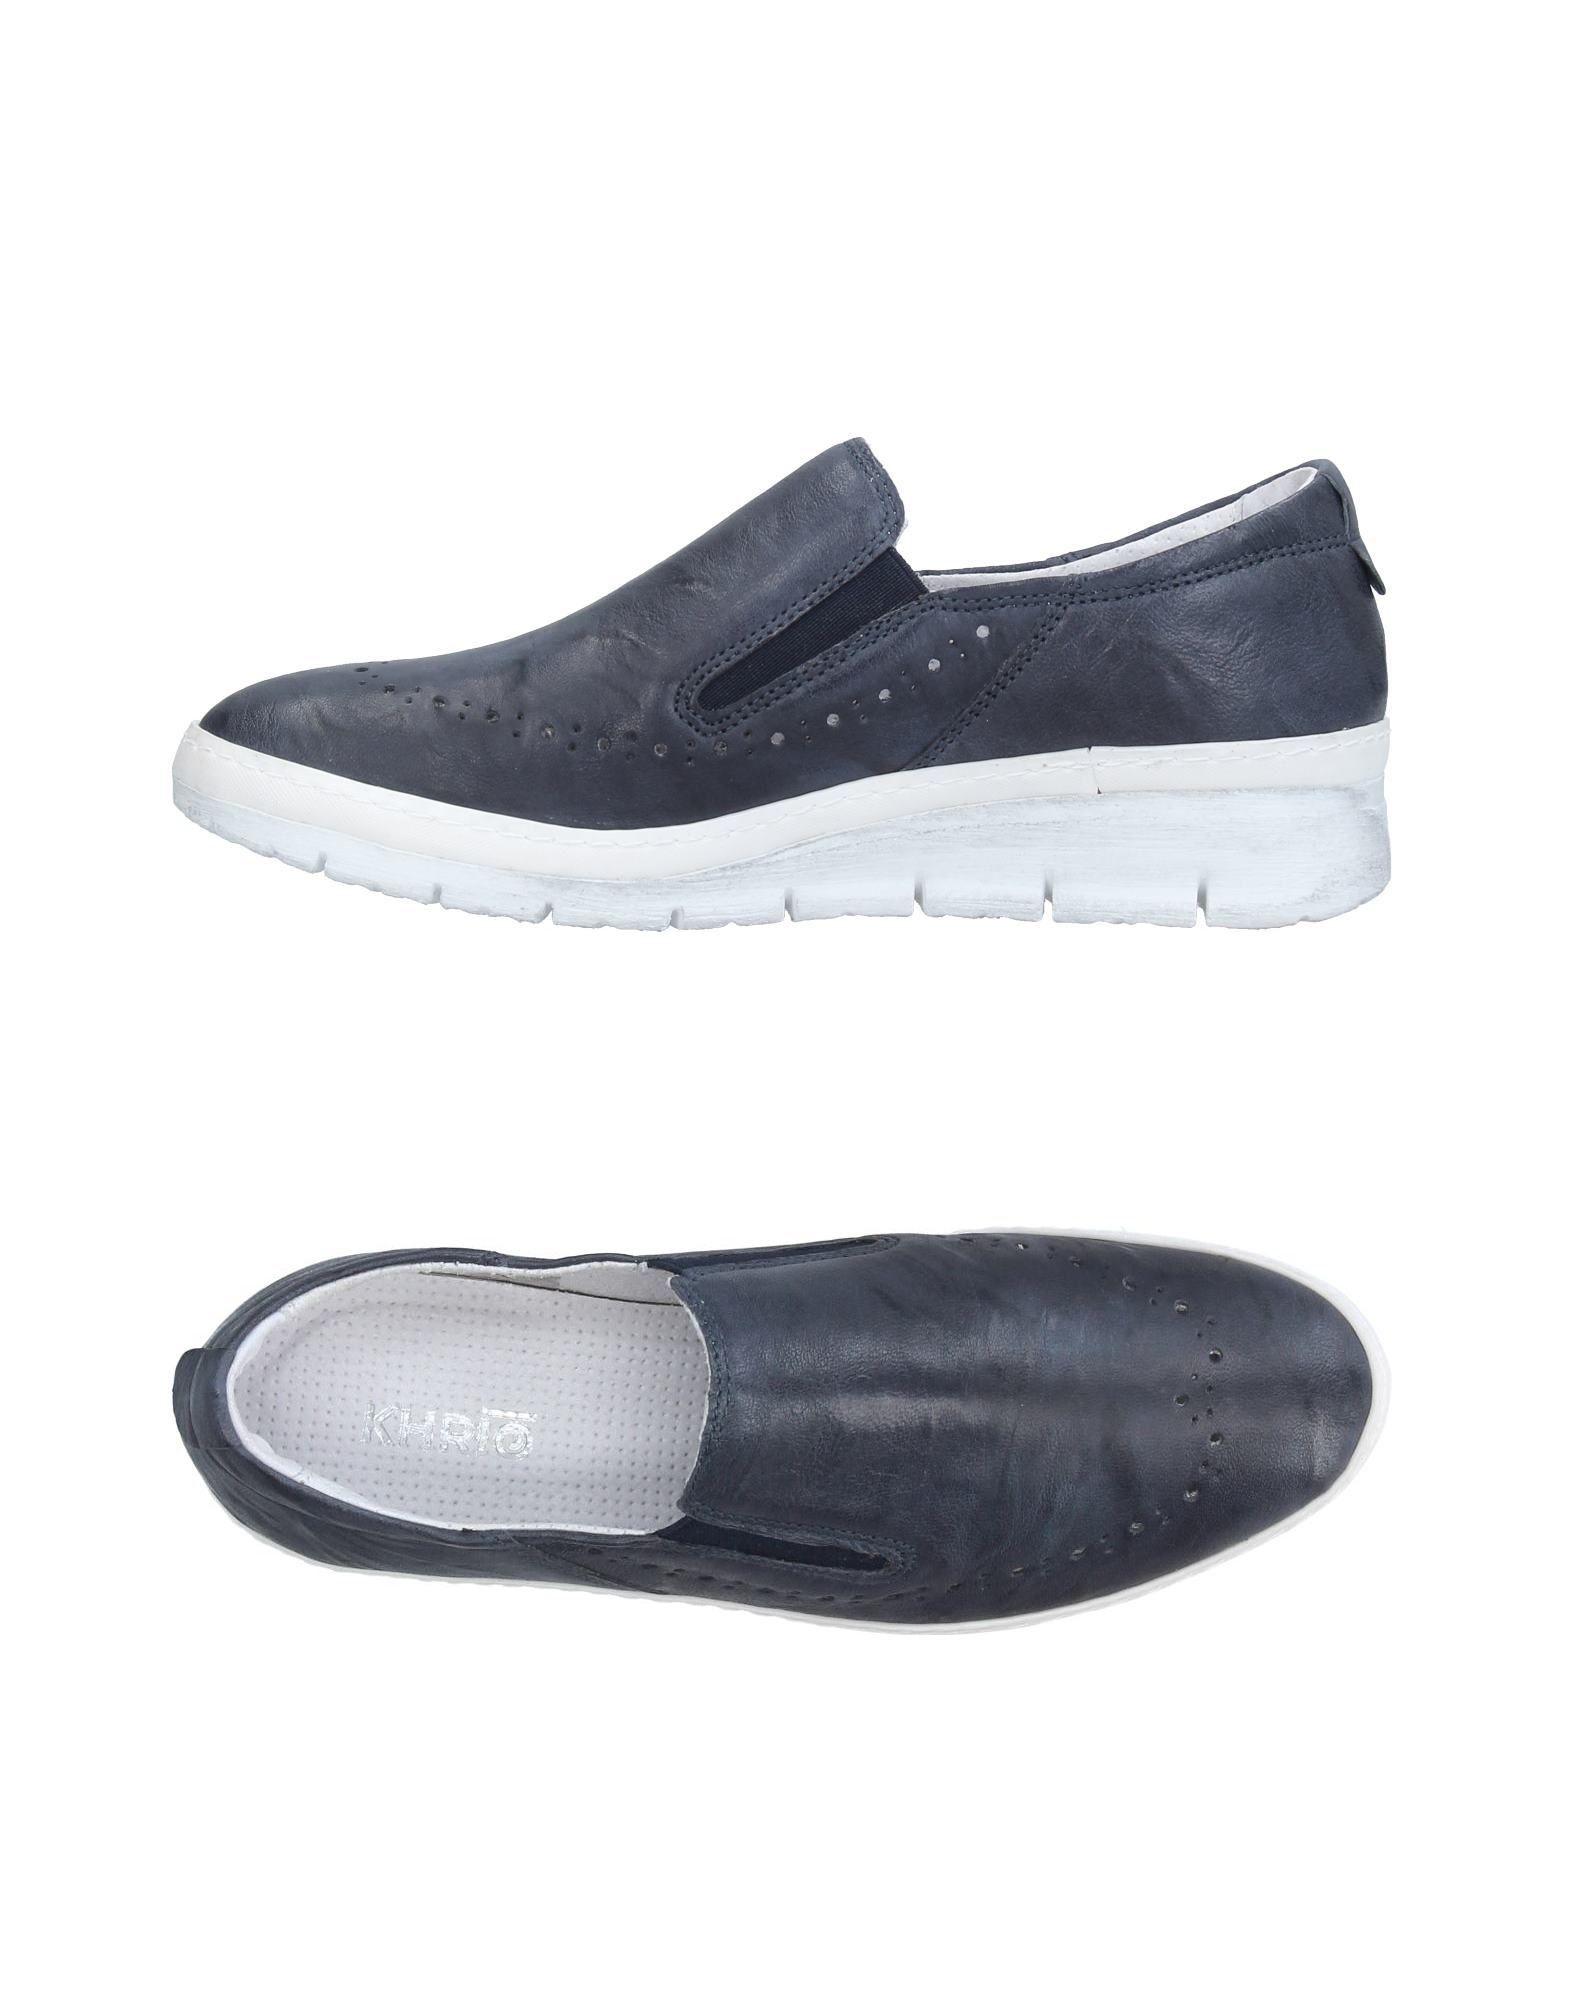 Sneakers Khrio' Donna - 11327058QC Scarpe economiche e buone